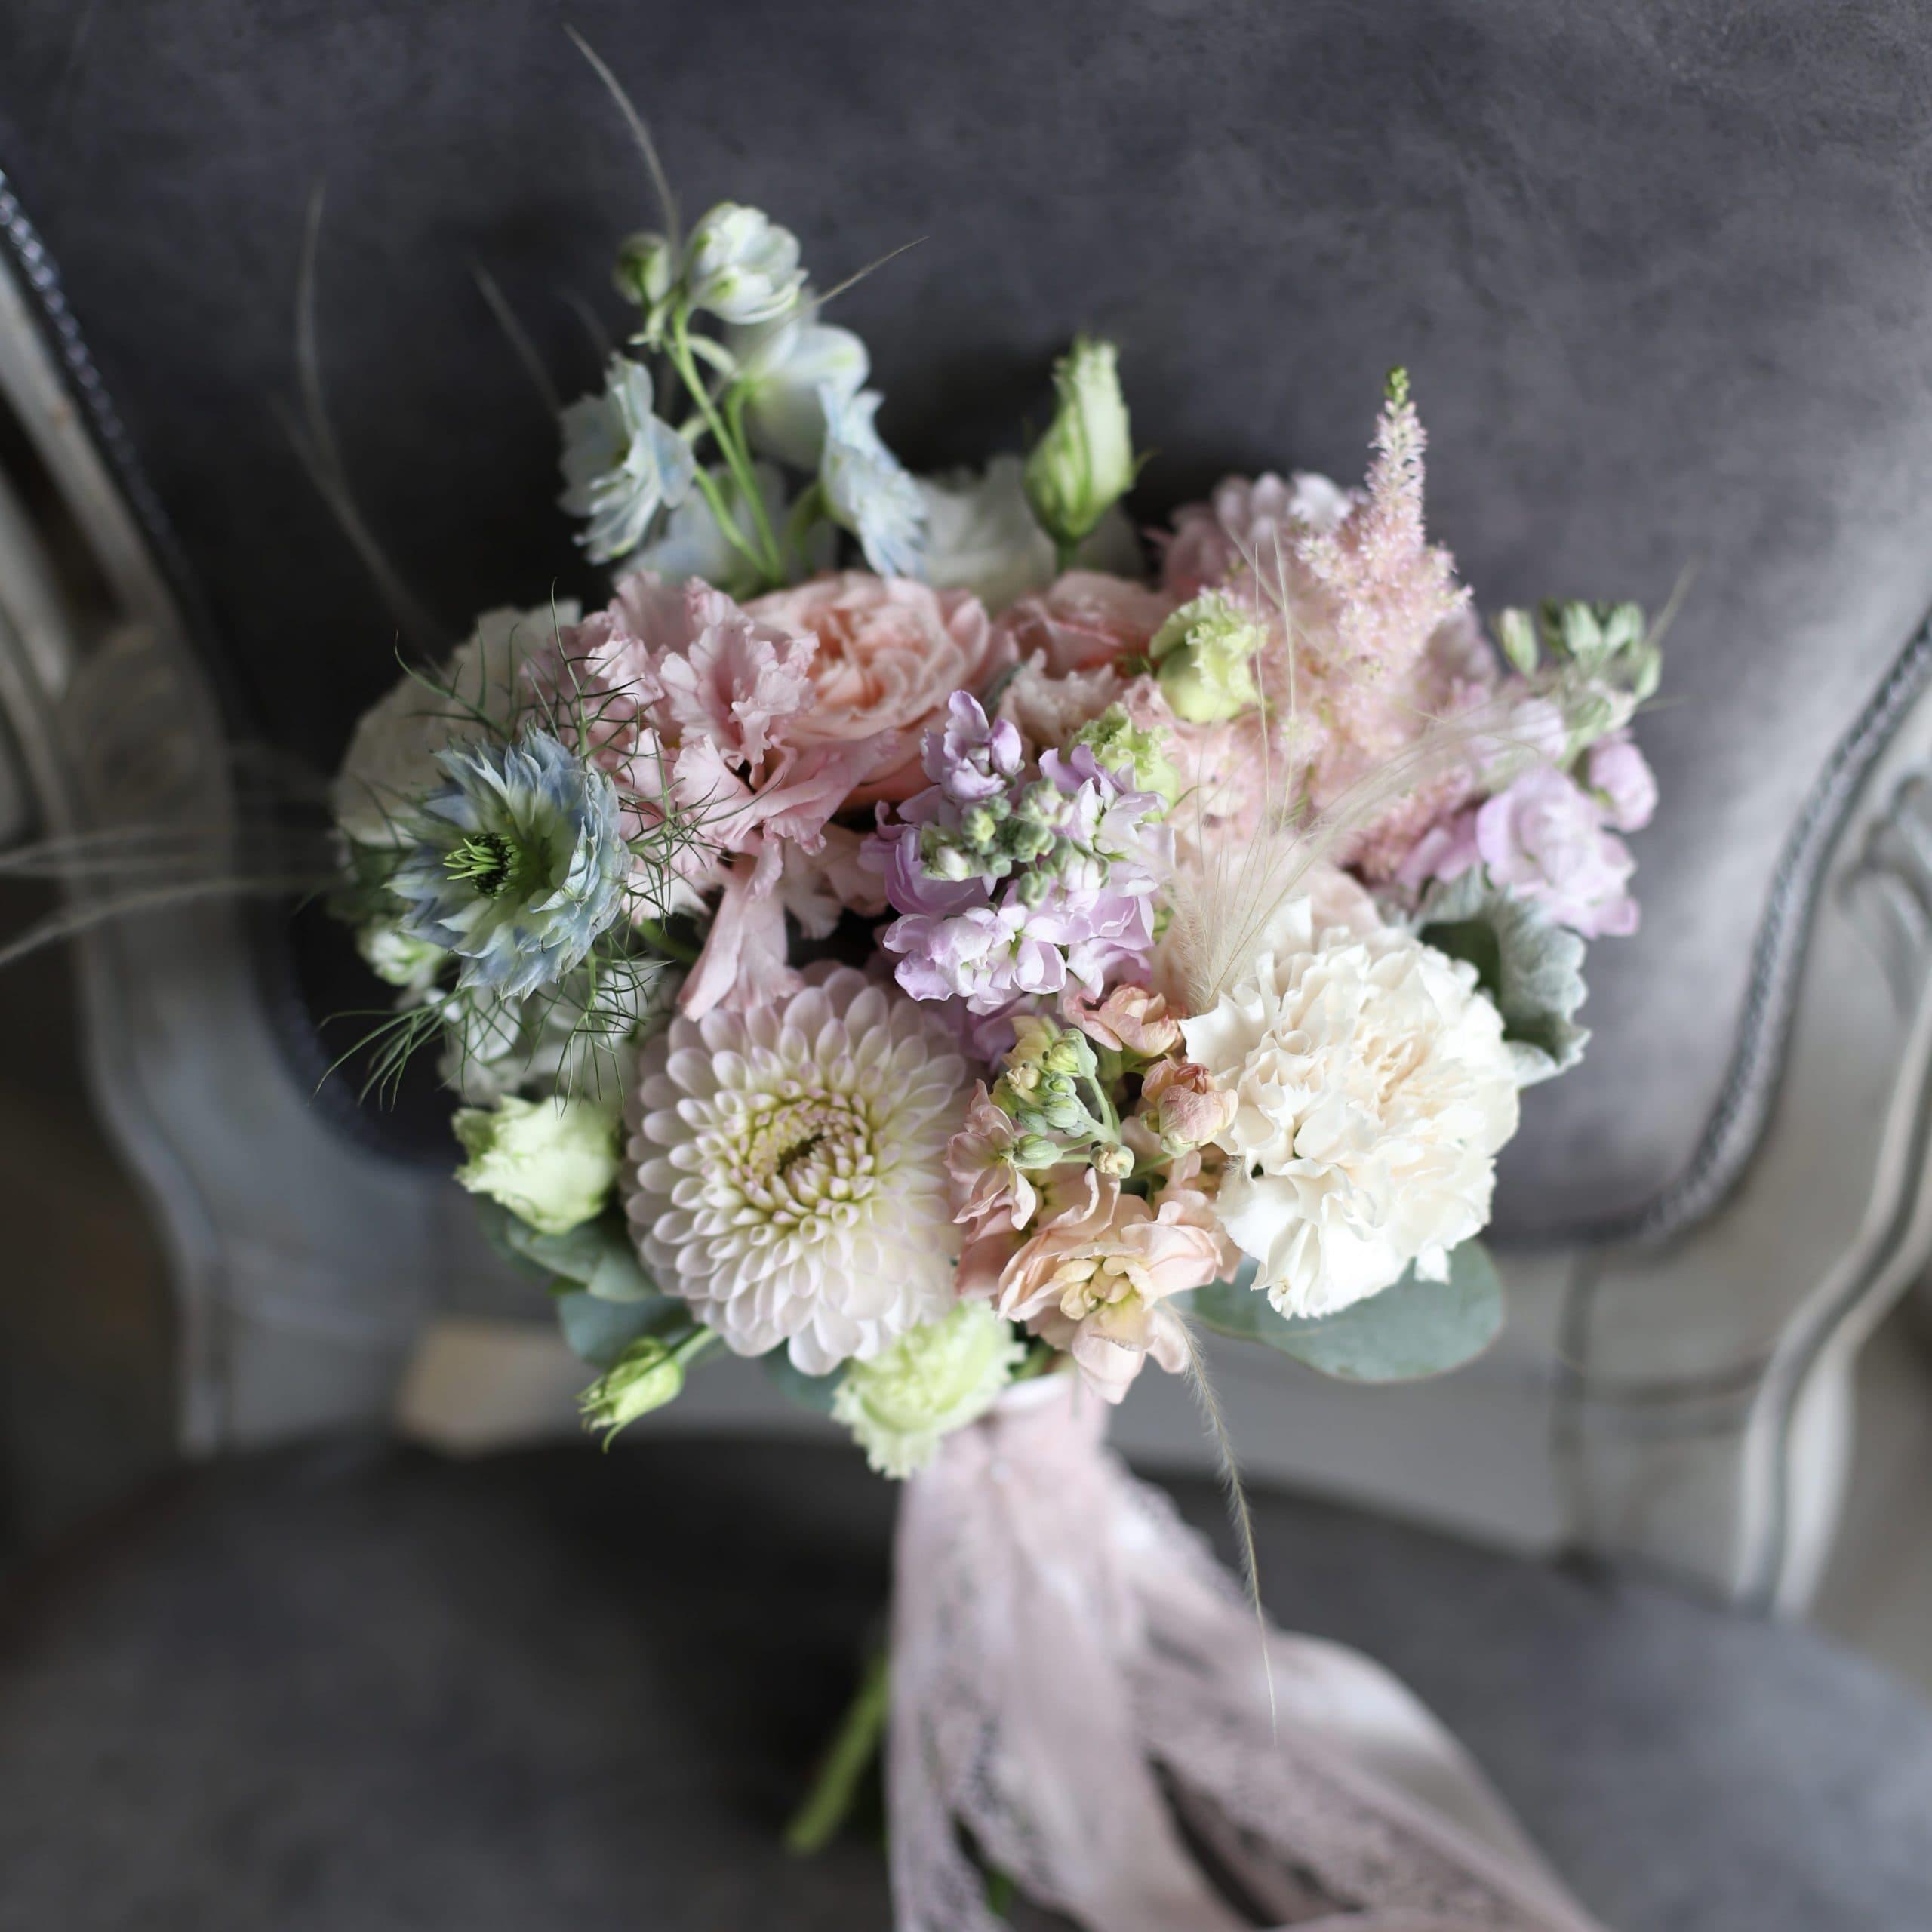 Летний букет невесты в розовой гамме №972 - Фото 1